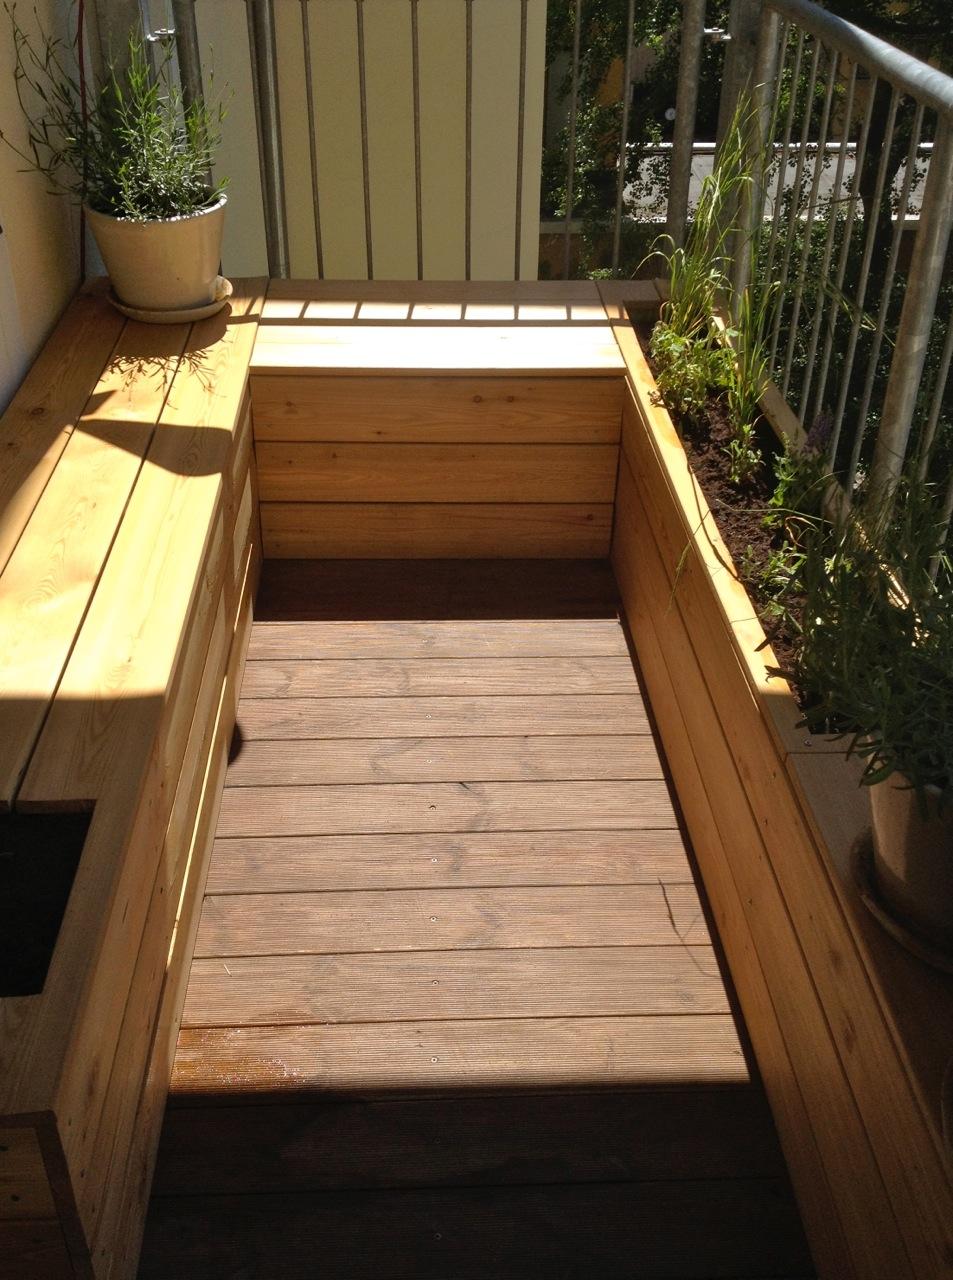 Full Size of Sitzbank Schlafzimmer Schmales Regal Küche Mit Lehne Garten Bett Schmale Regale Bad Wohnzimmer Schmale Sitzbank